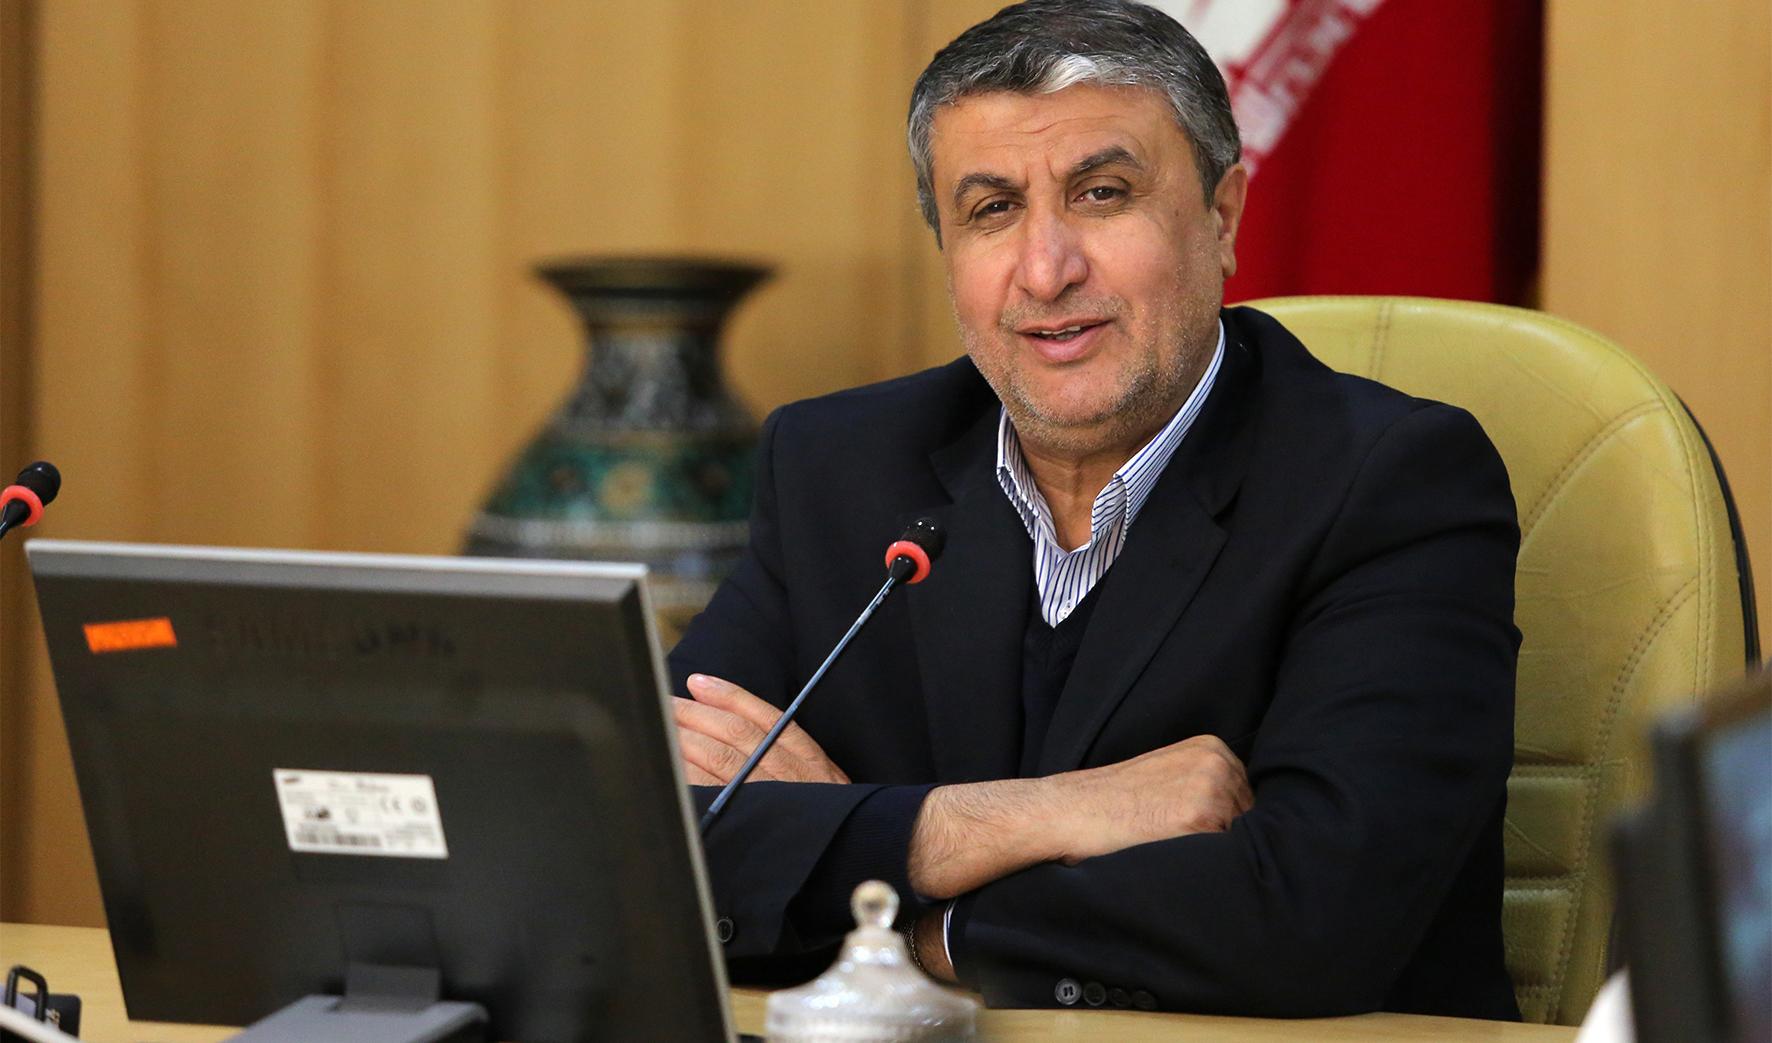 تحویل اولین واحدهای مسکن ملی از ماه آینده/ وزیر راه و شهرسازی: طرح اقدام ملی مسکن ادامه مسکن مهر است